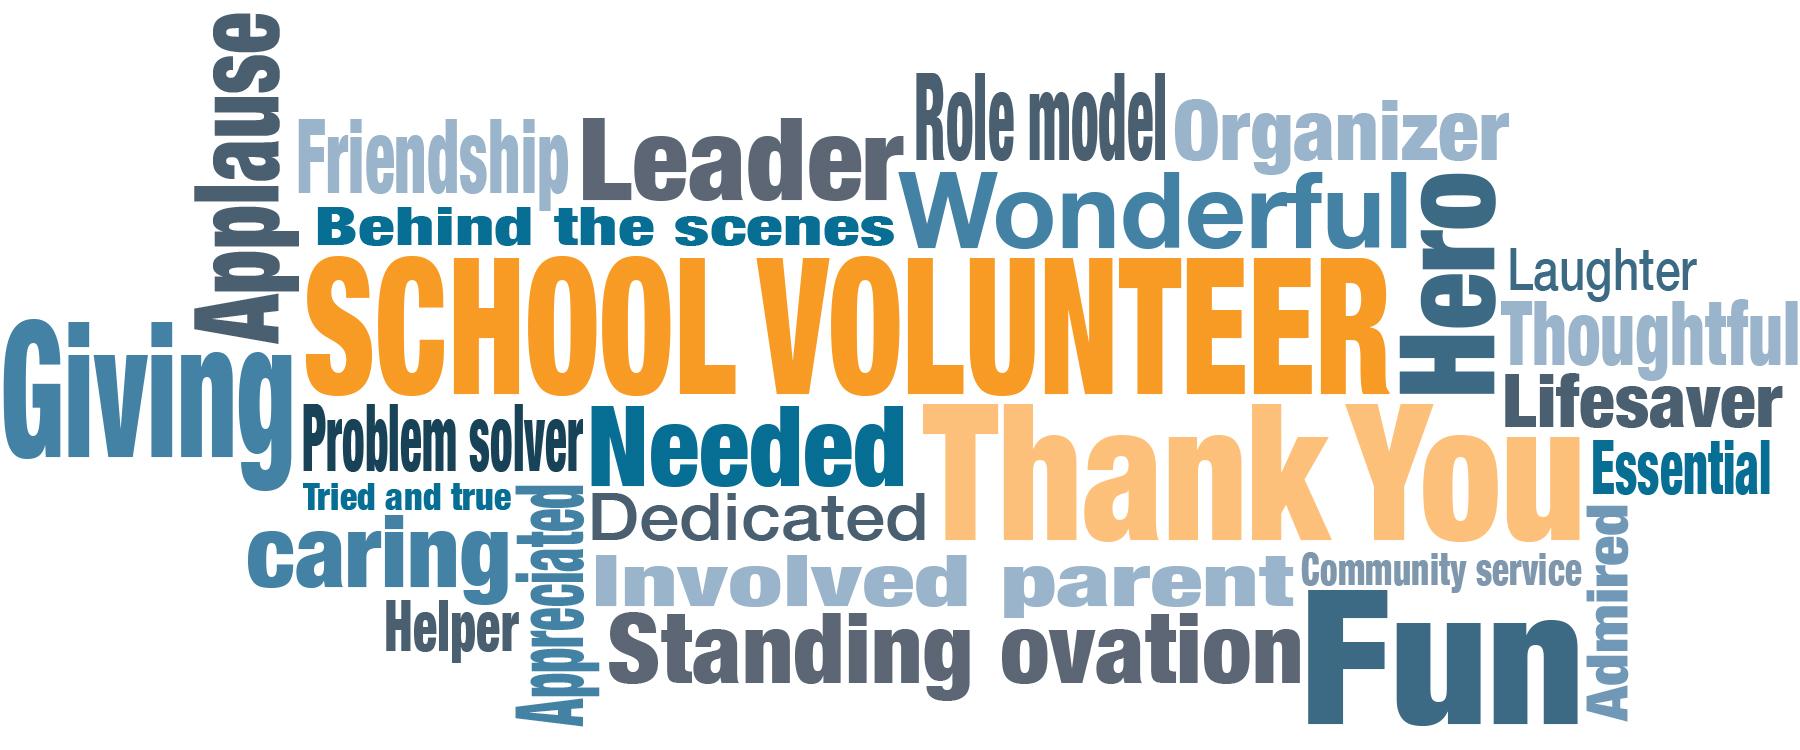 school_volunteer_word_cloud.jpg